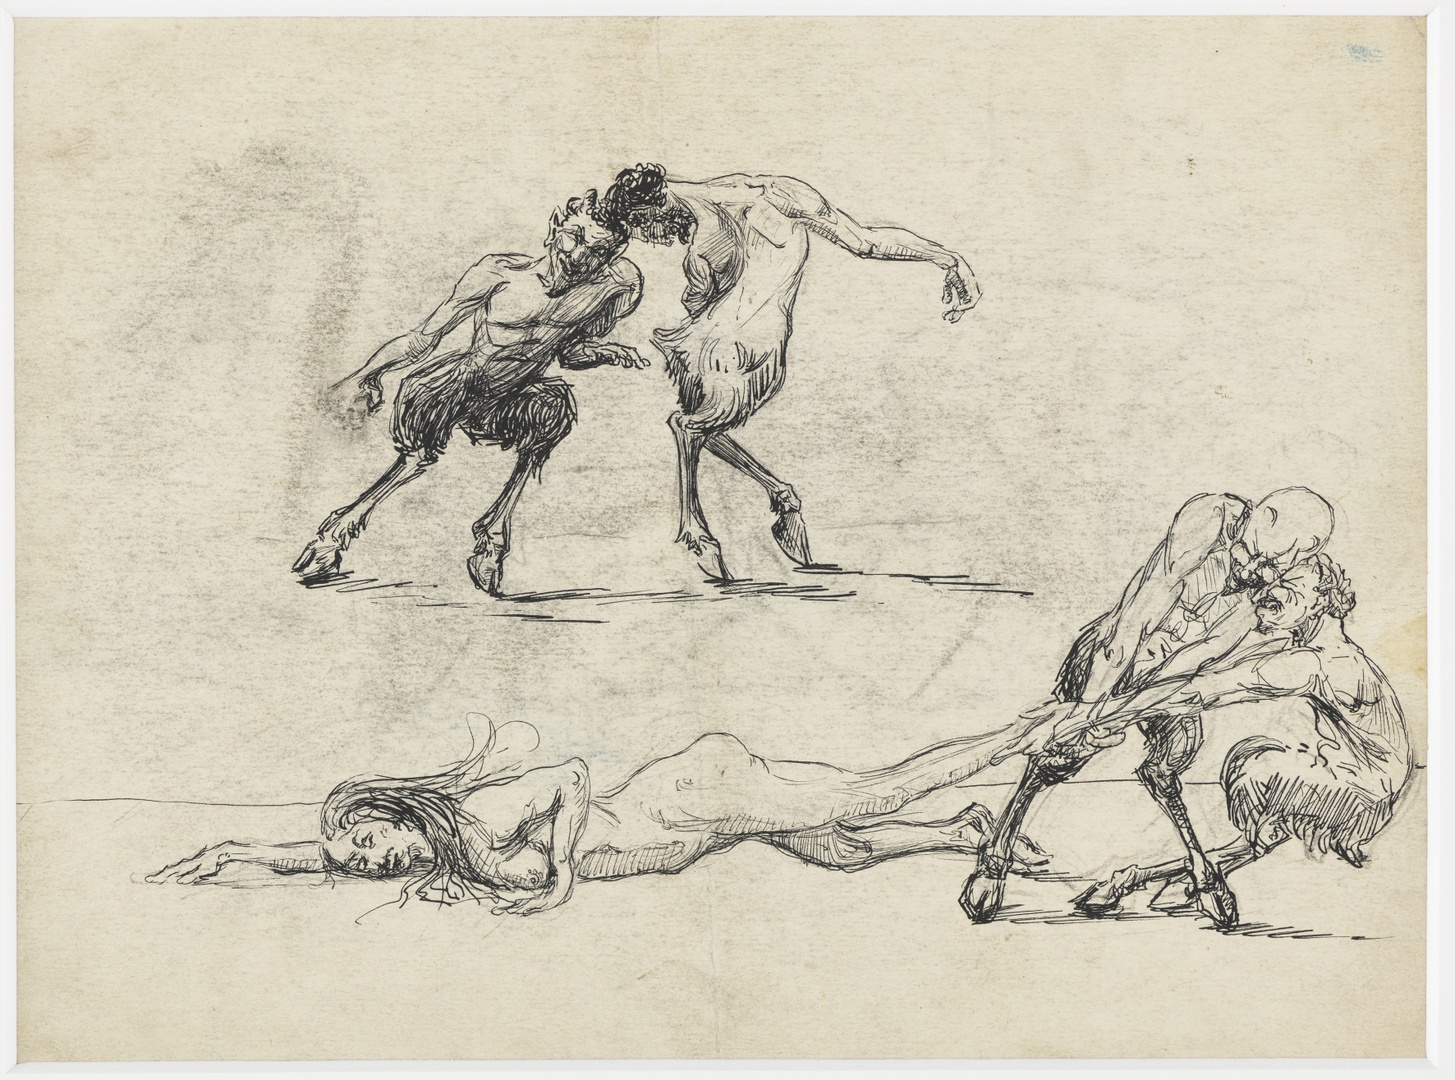 Saters ; verso: figuurstudie van een zittende naakte vrouw en sater